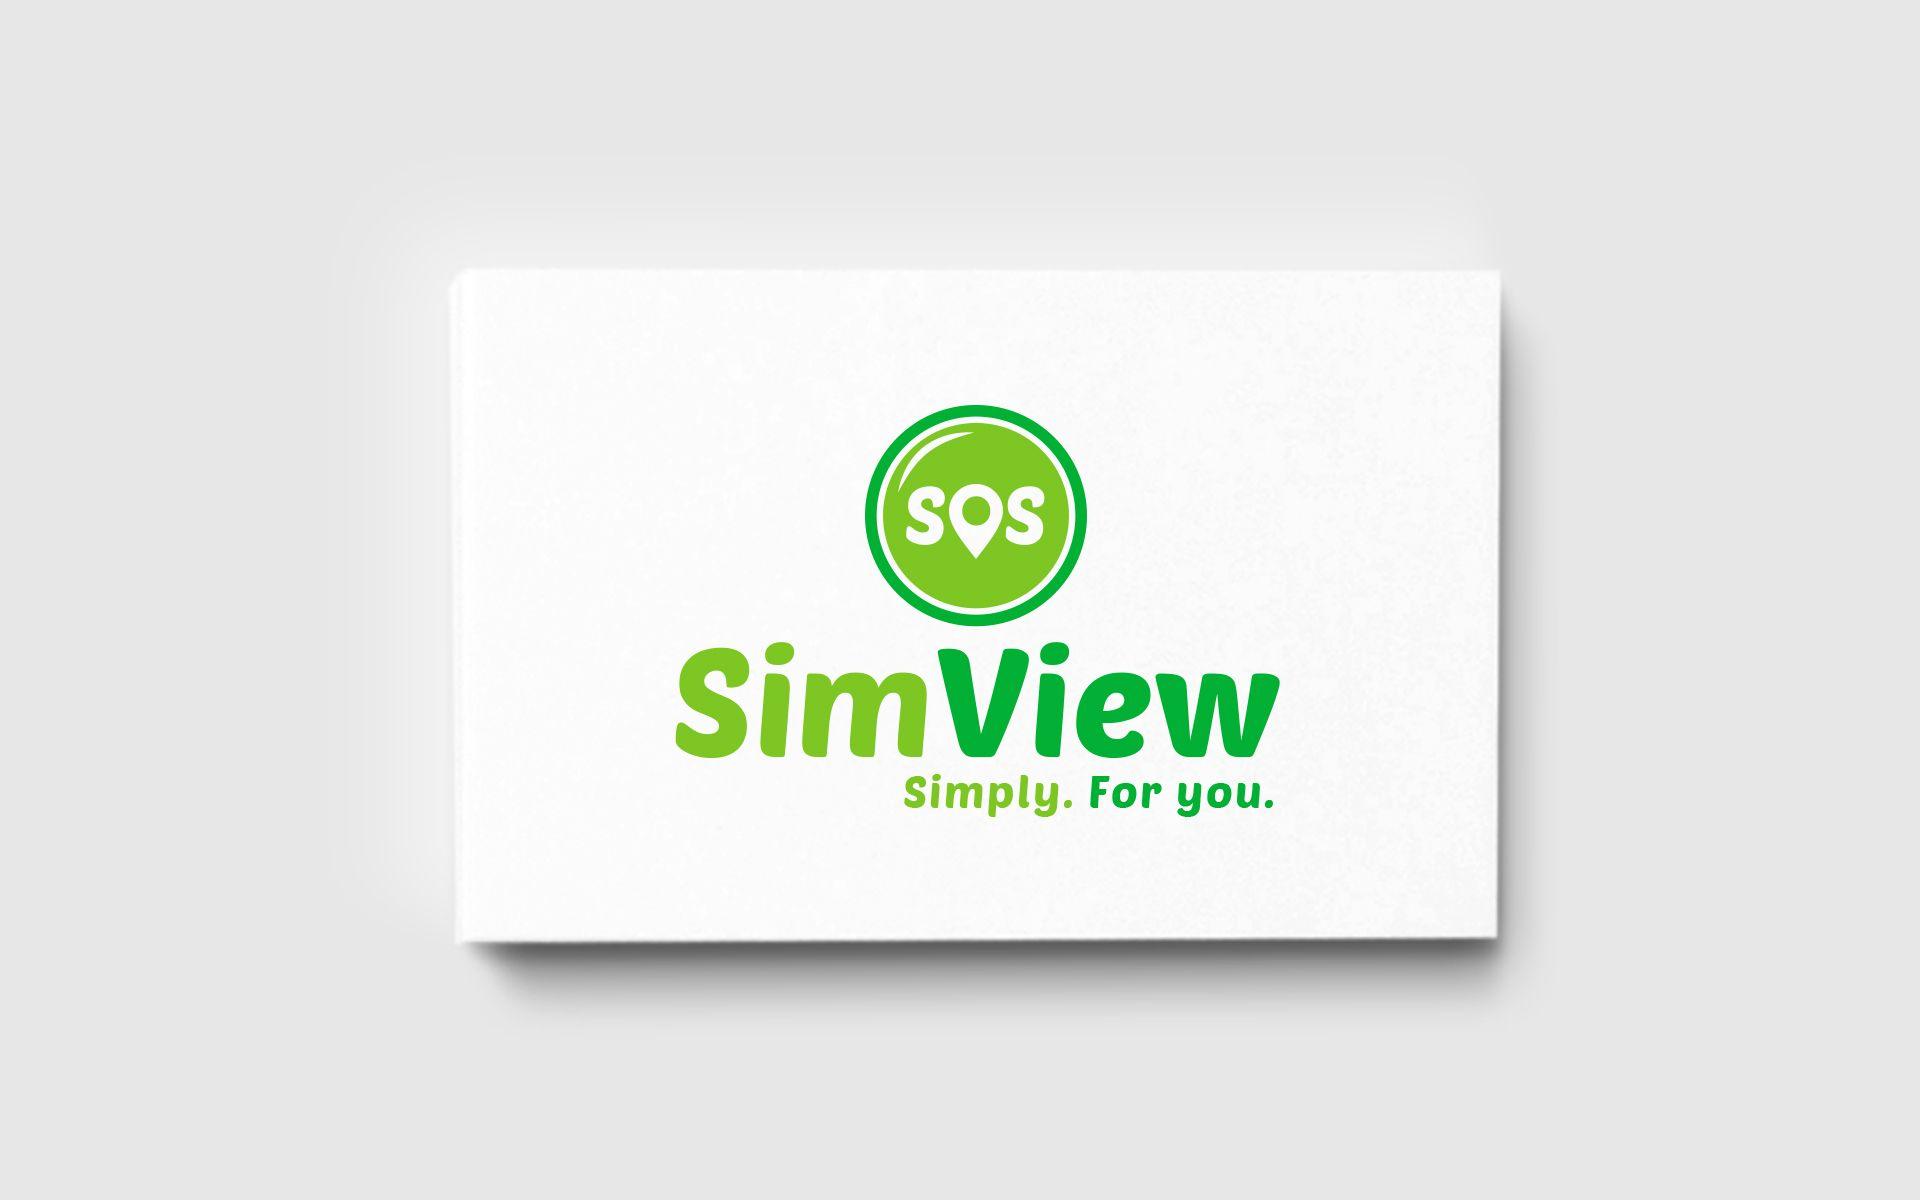 SimView лого и фирменный стиль - дизайнер U4po4mak